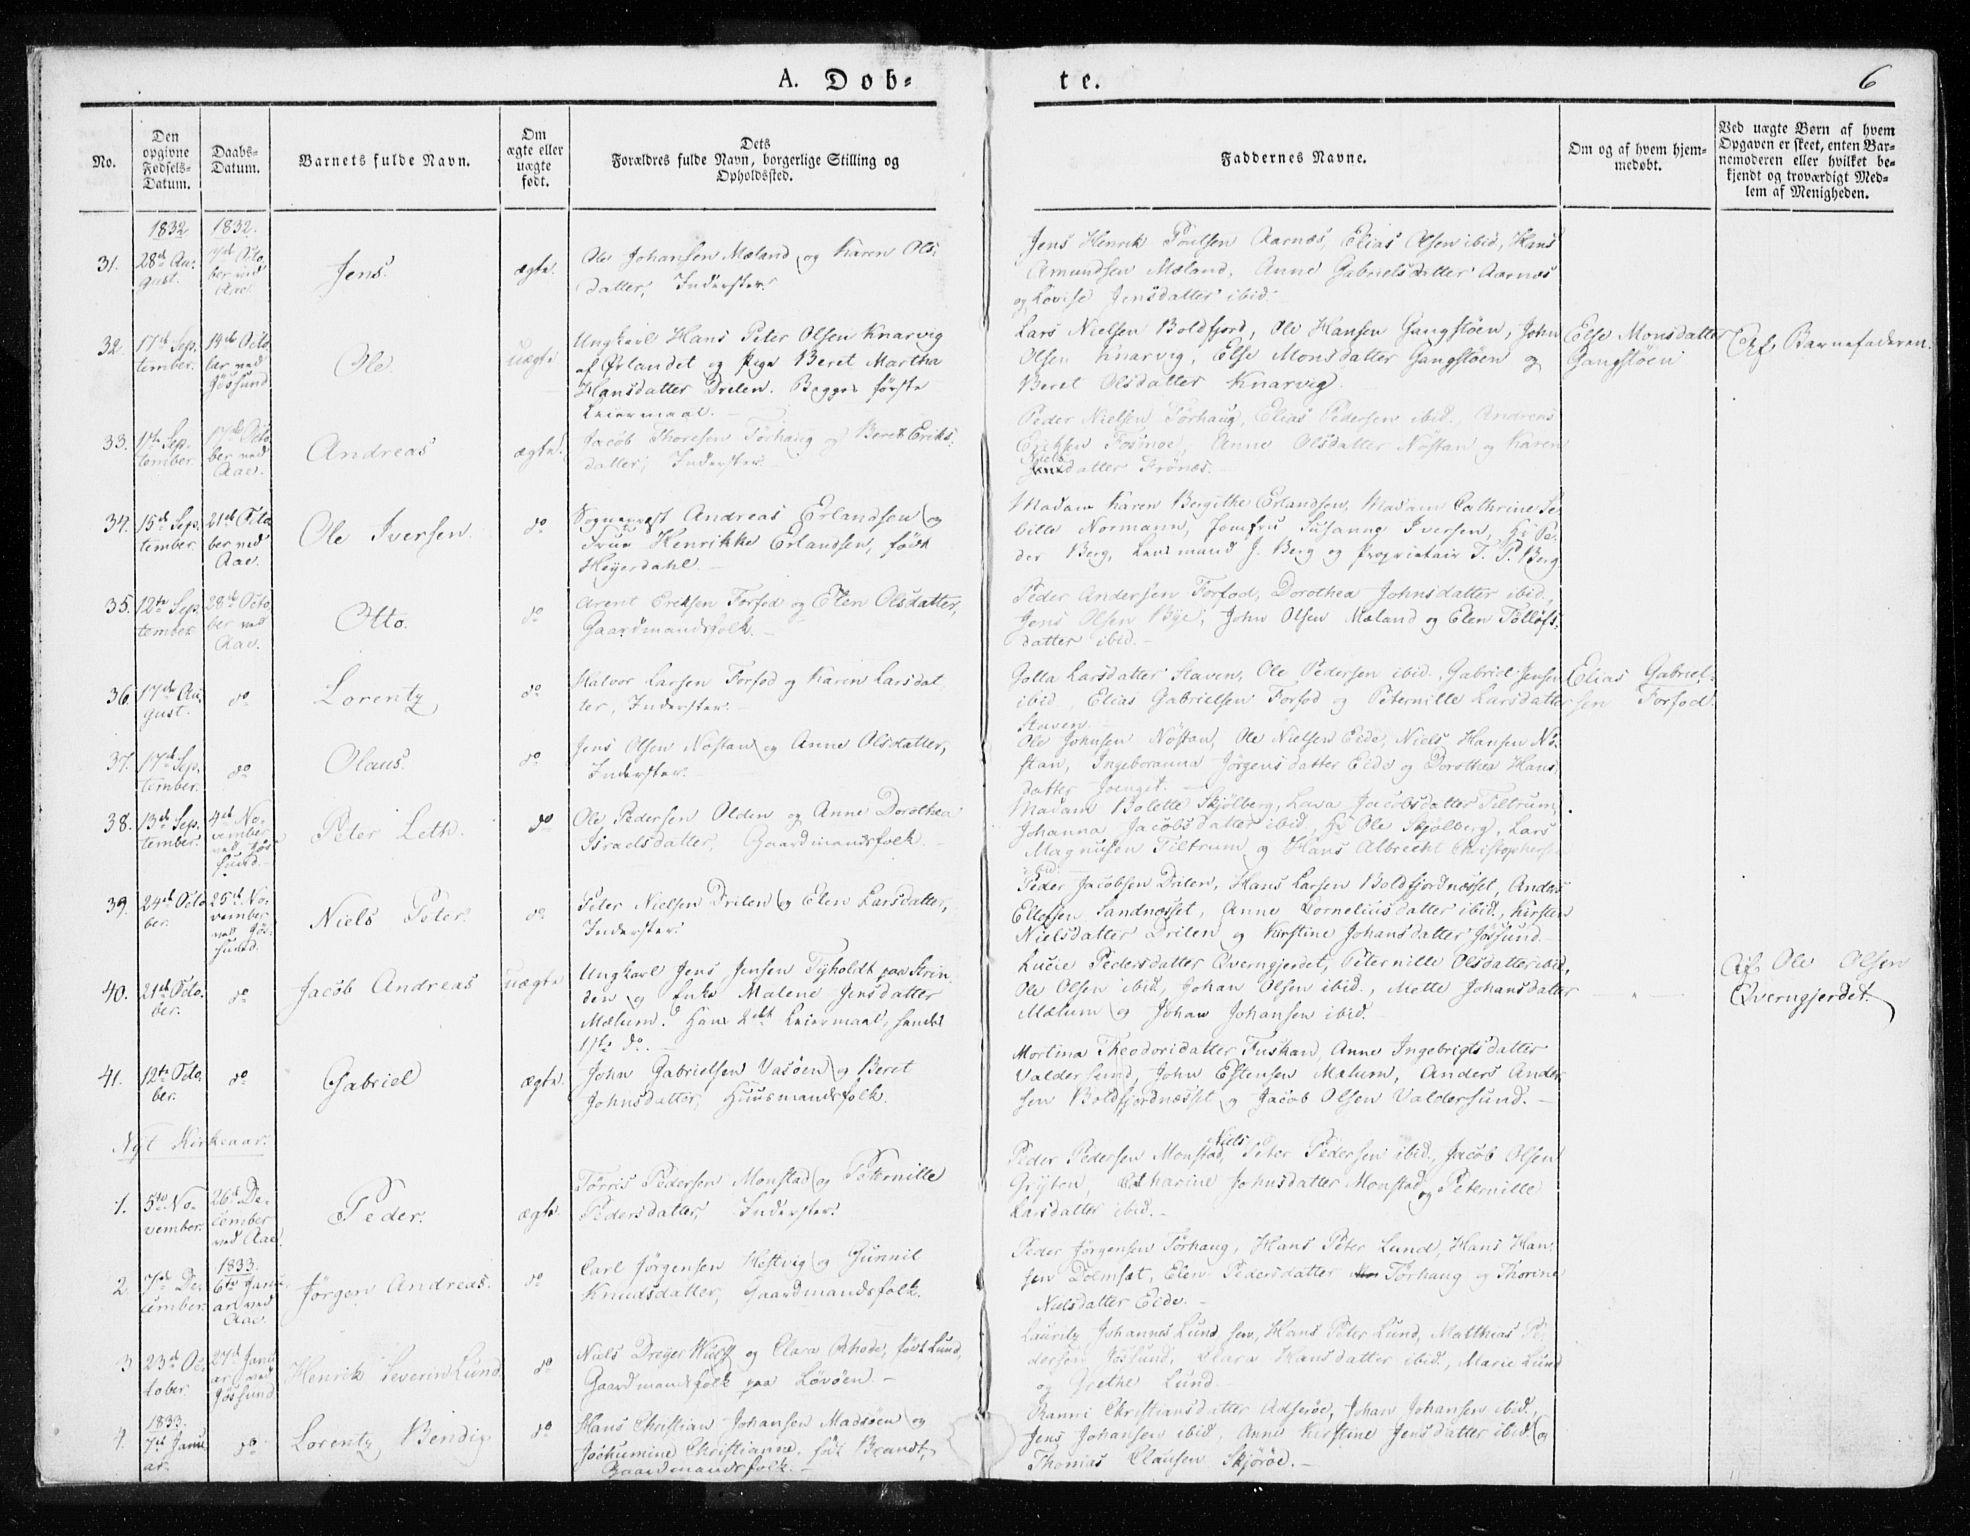 SAT, Ministerialprotokoller, klokkerbøker og fødselsregistre - Sør-Trøndelag, 655/L0676: Ministerialbok nr. 655A05, 1830-1847, s. 6